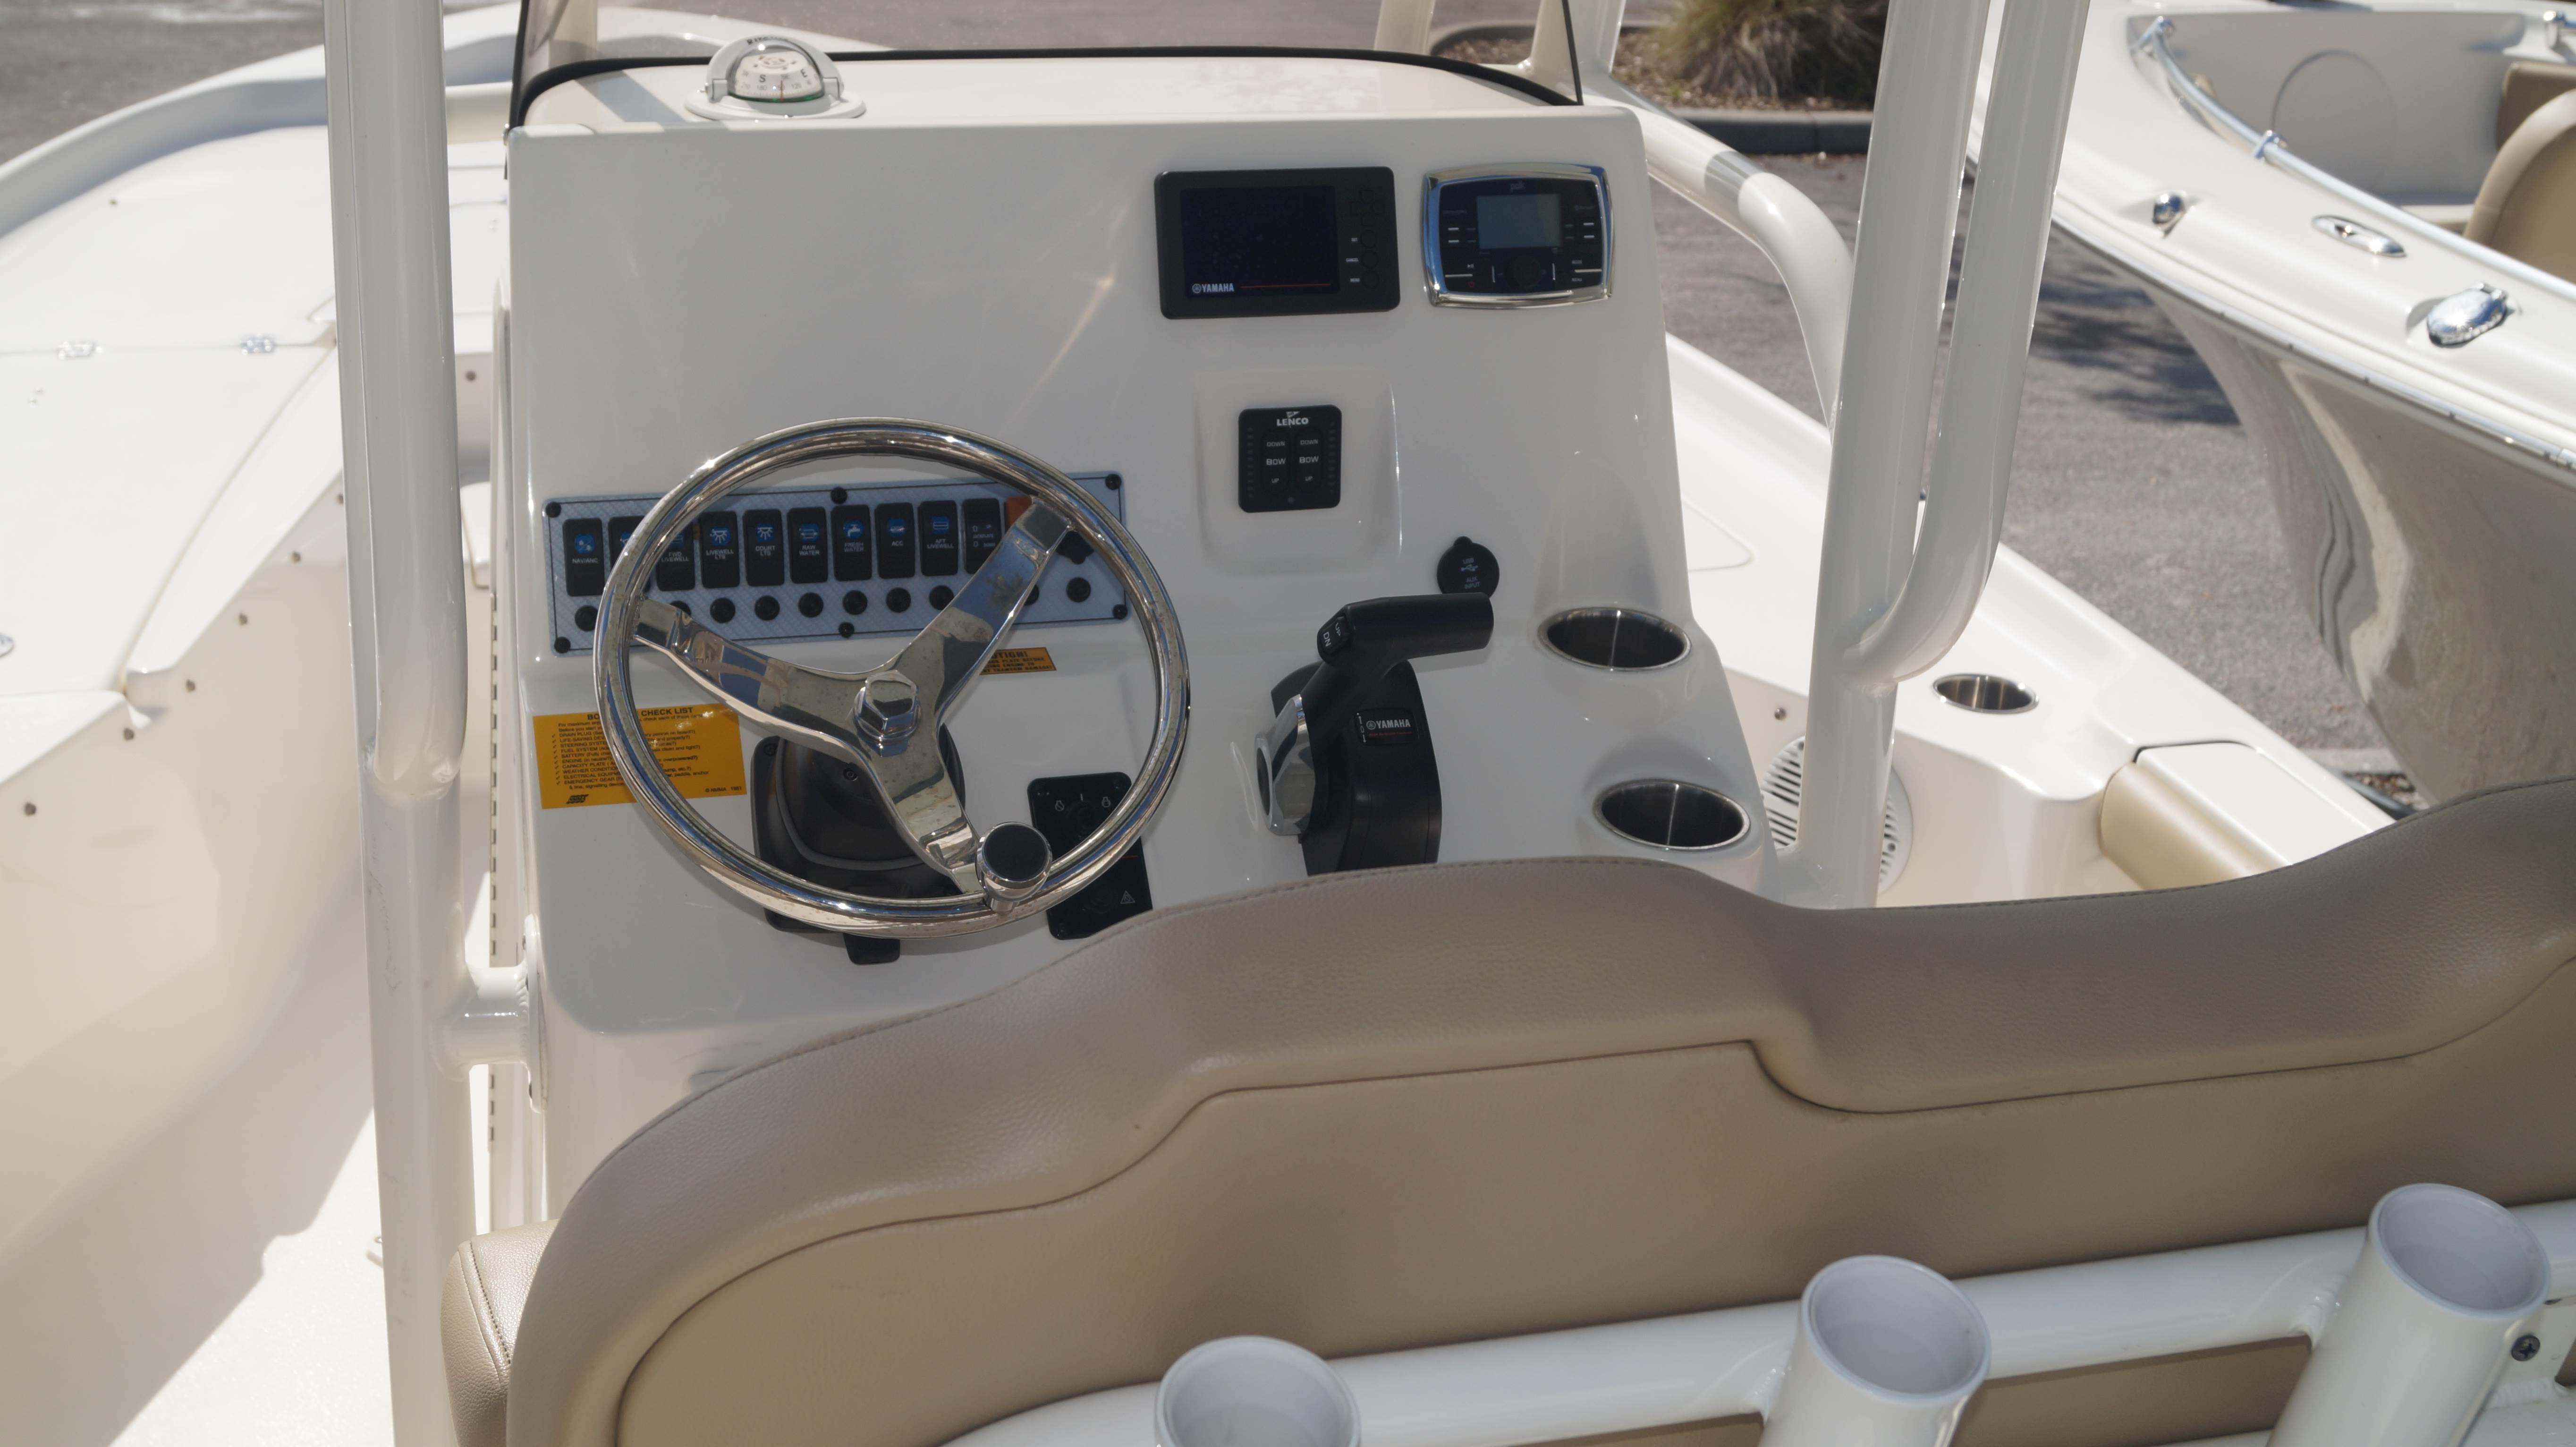 NEW 2019 Key West Boats, Inc. 230BR - Sara Bay Marina